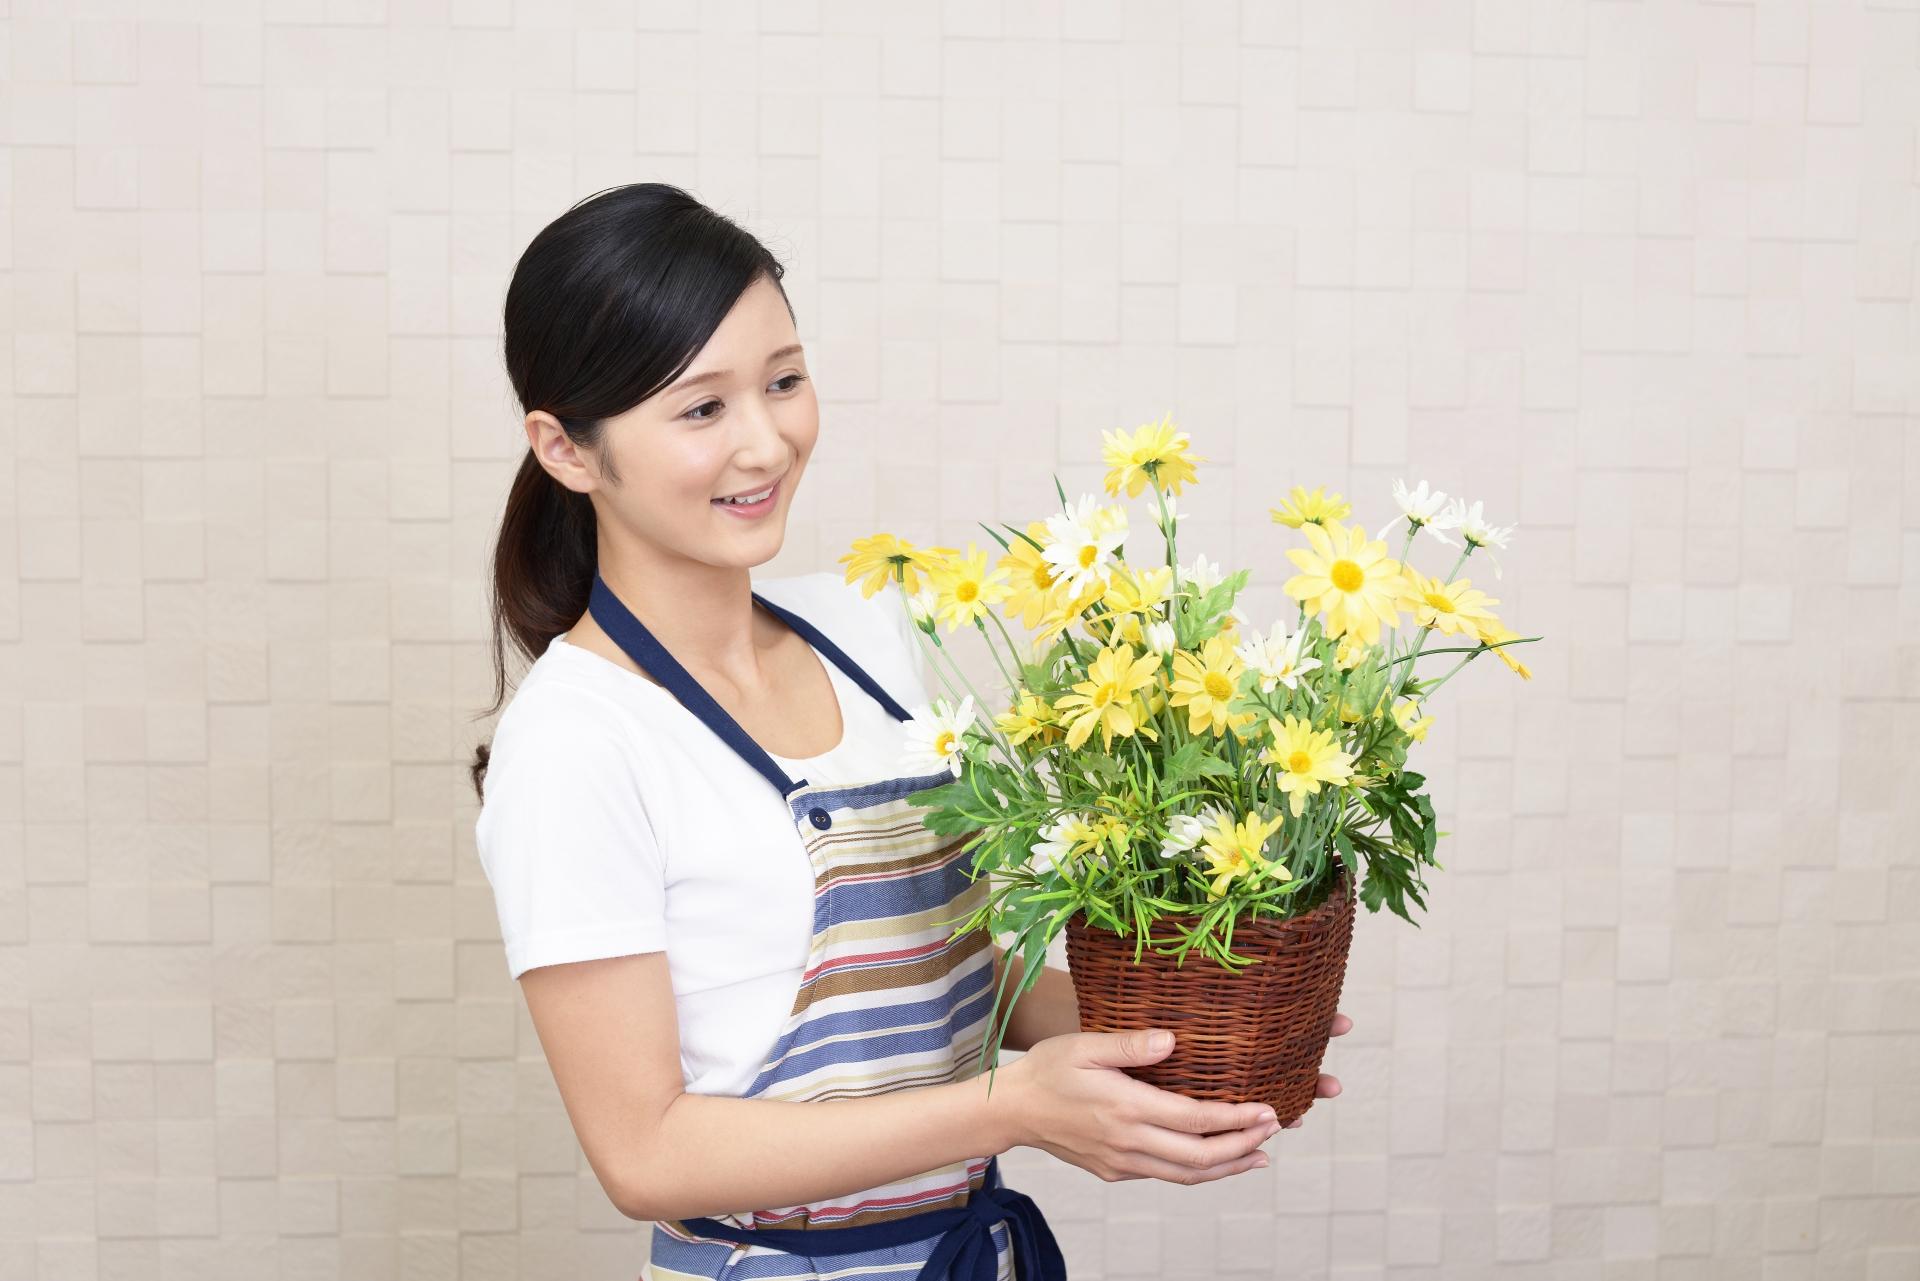 お花を植える女性の写真